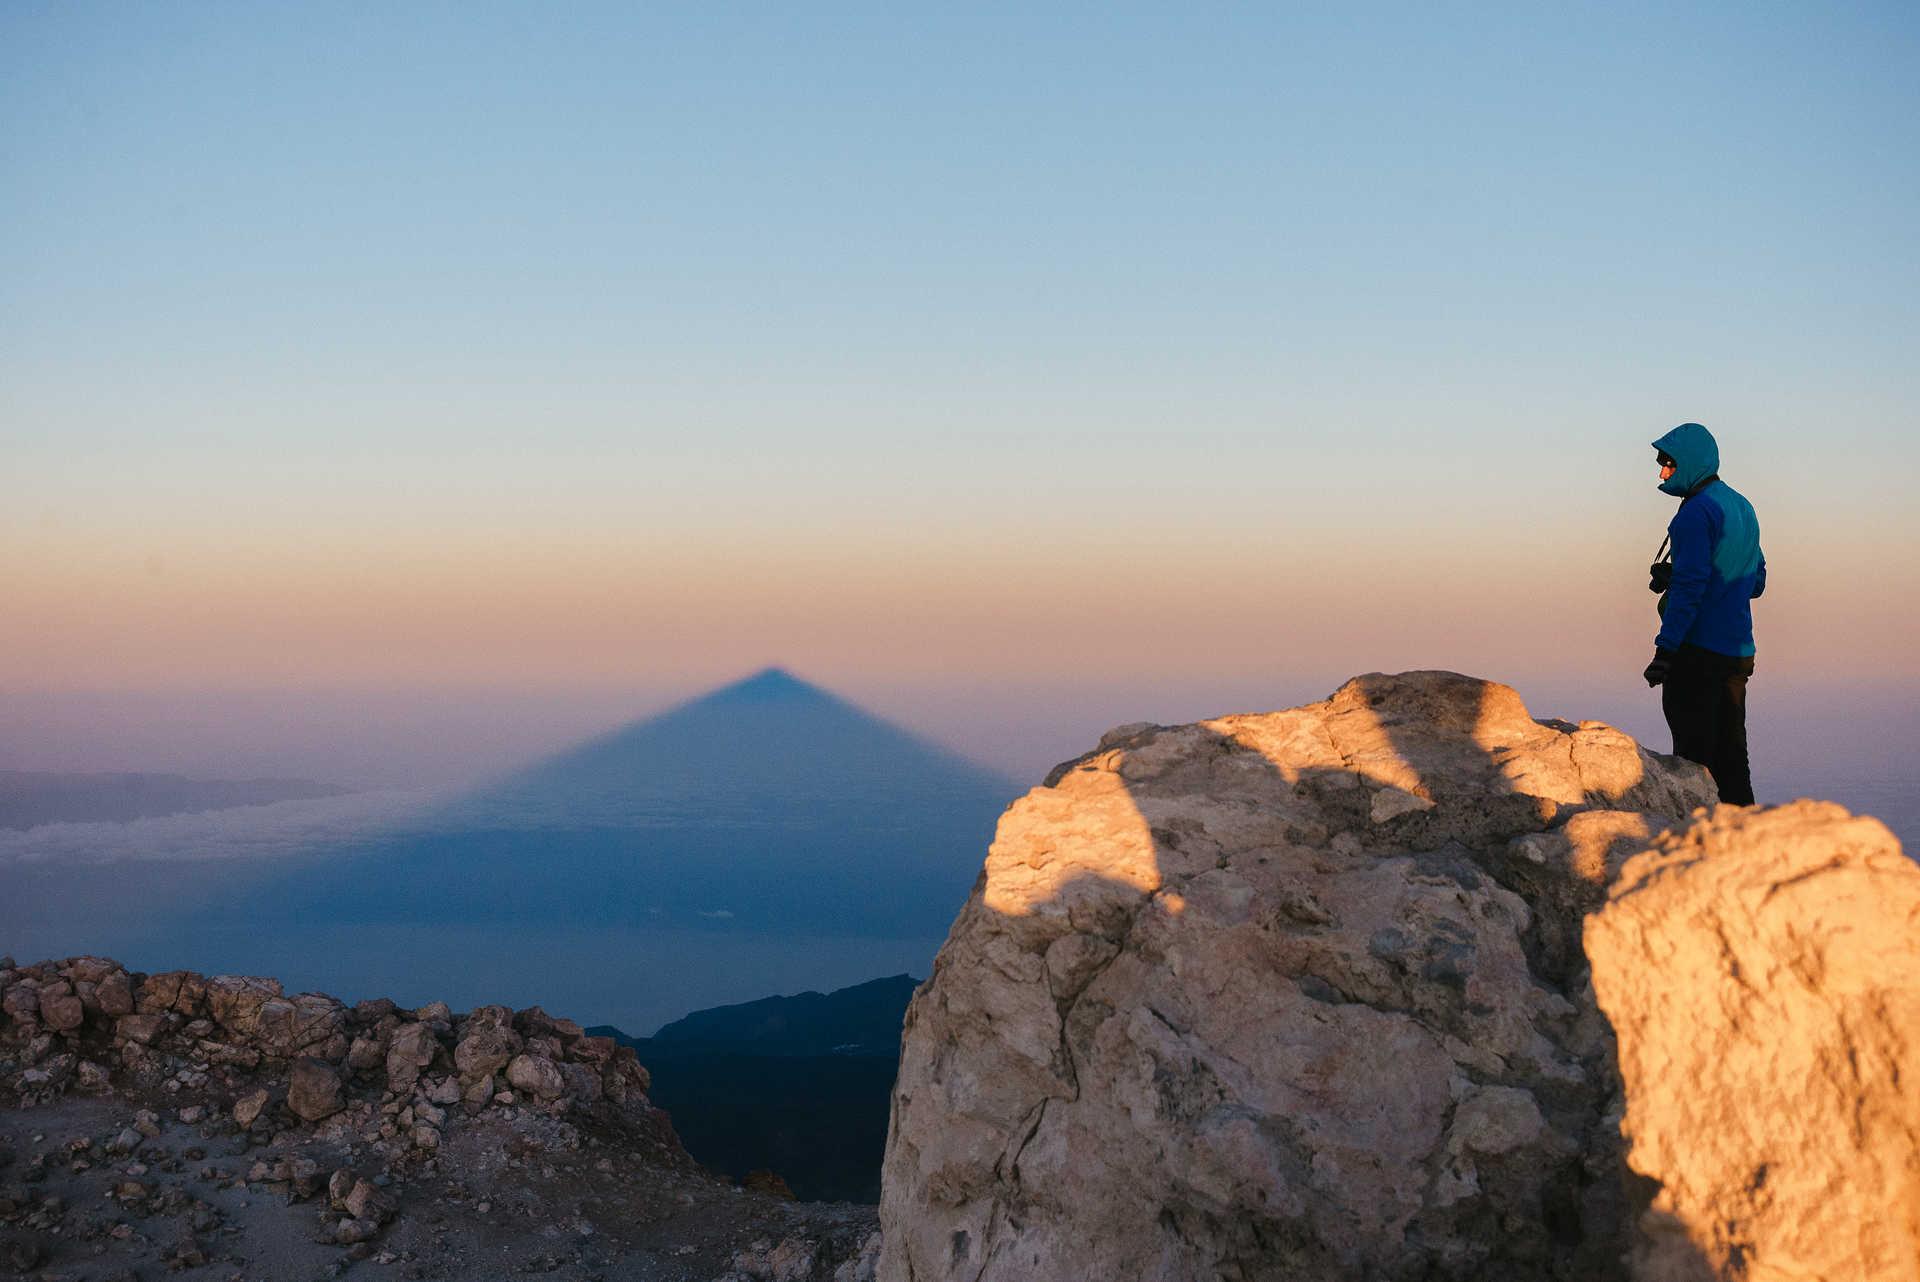 Randonneur au sommet du Teide à Ténérife au crépuscule